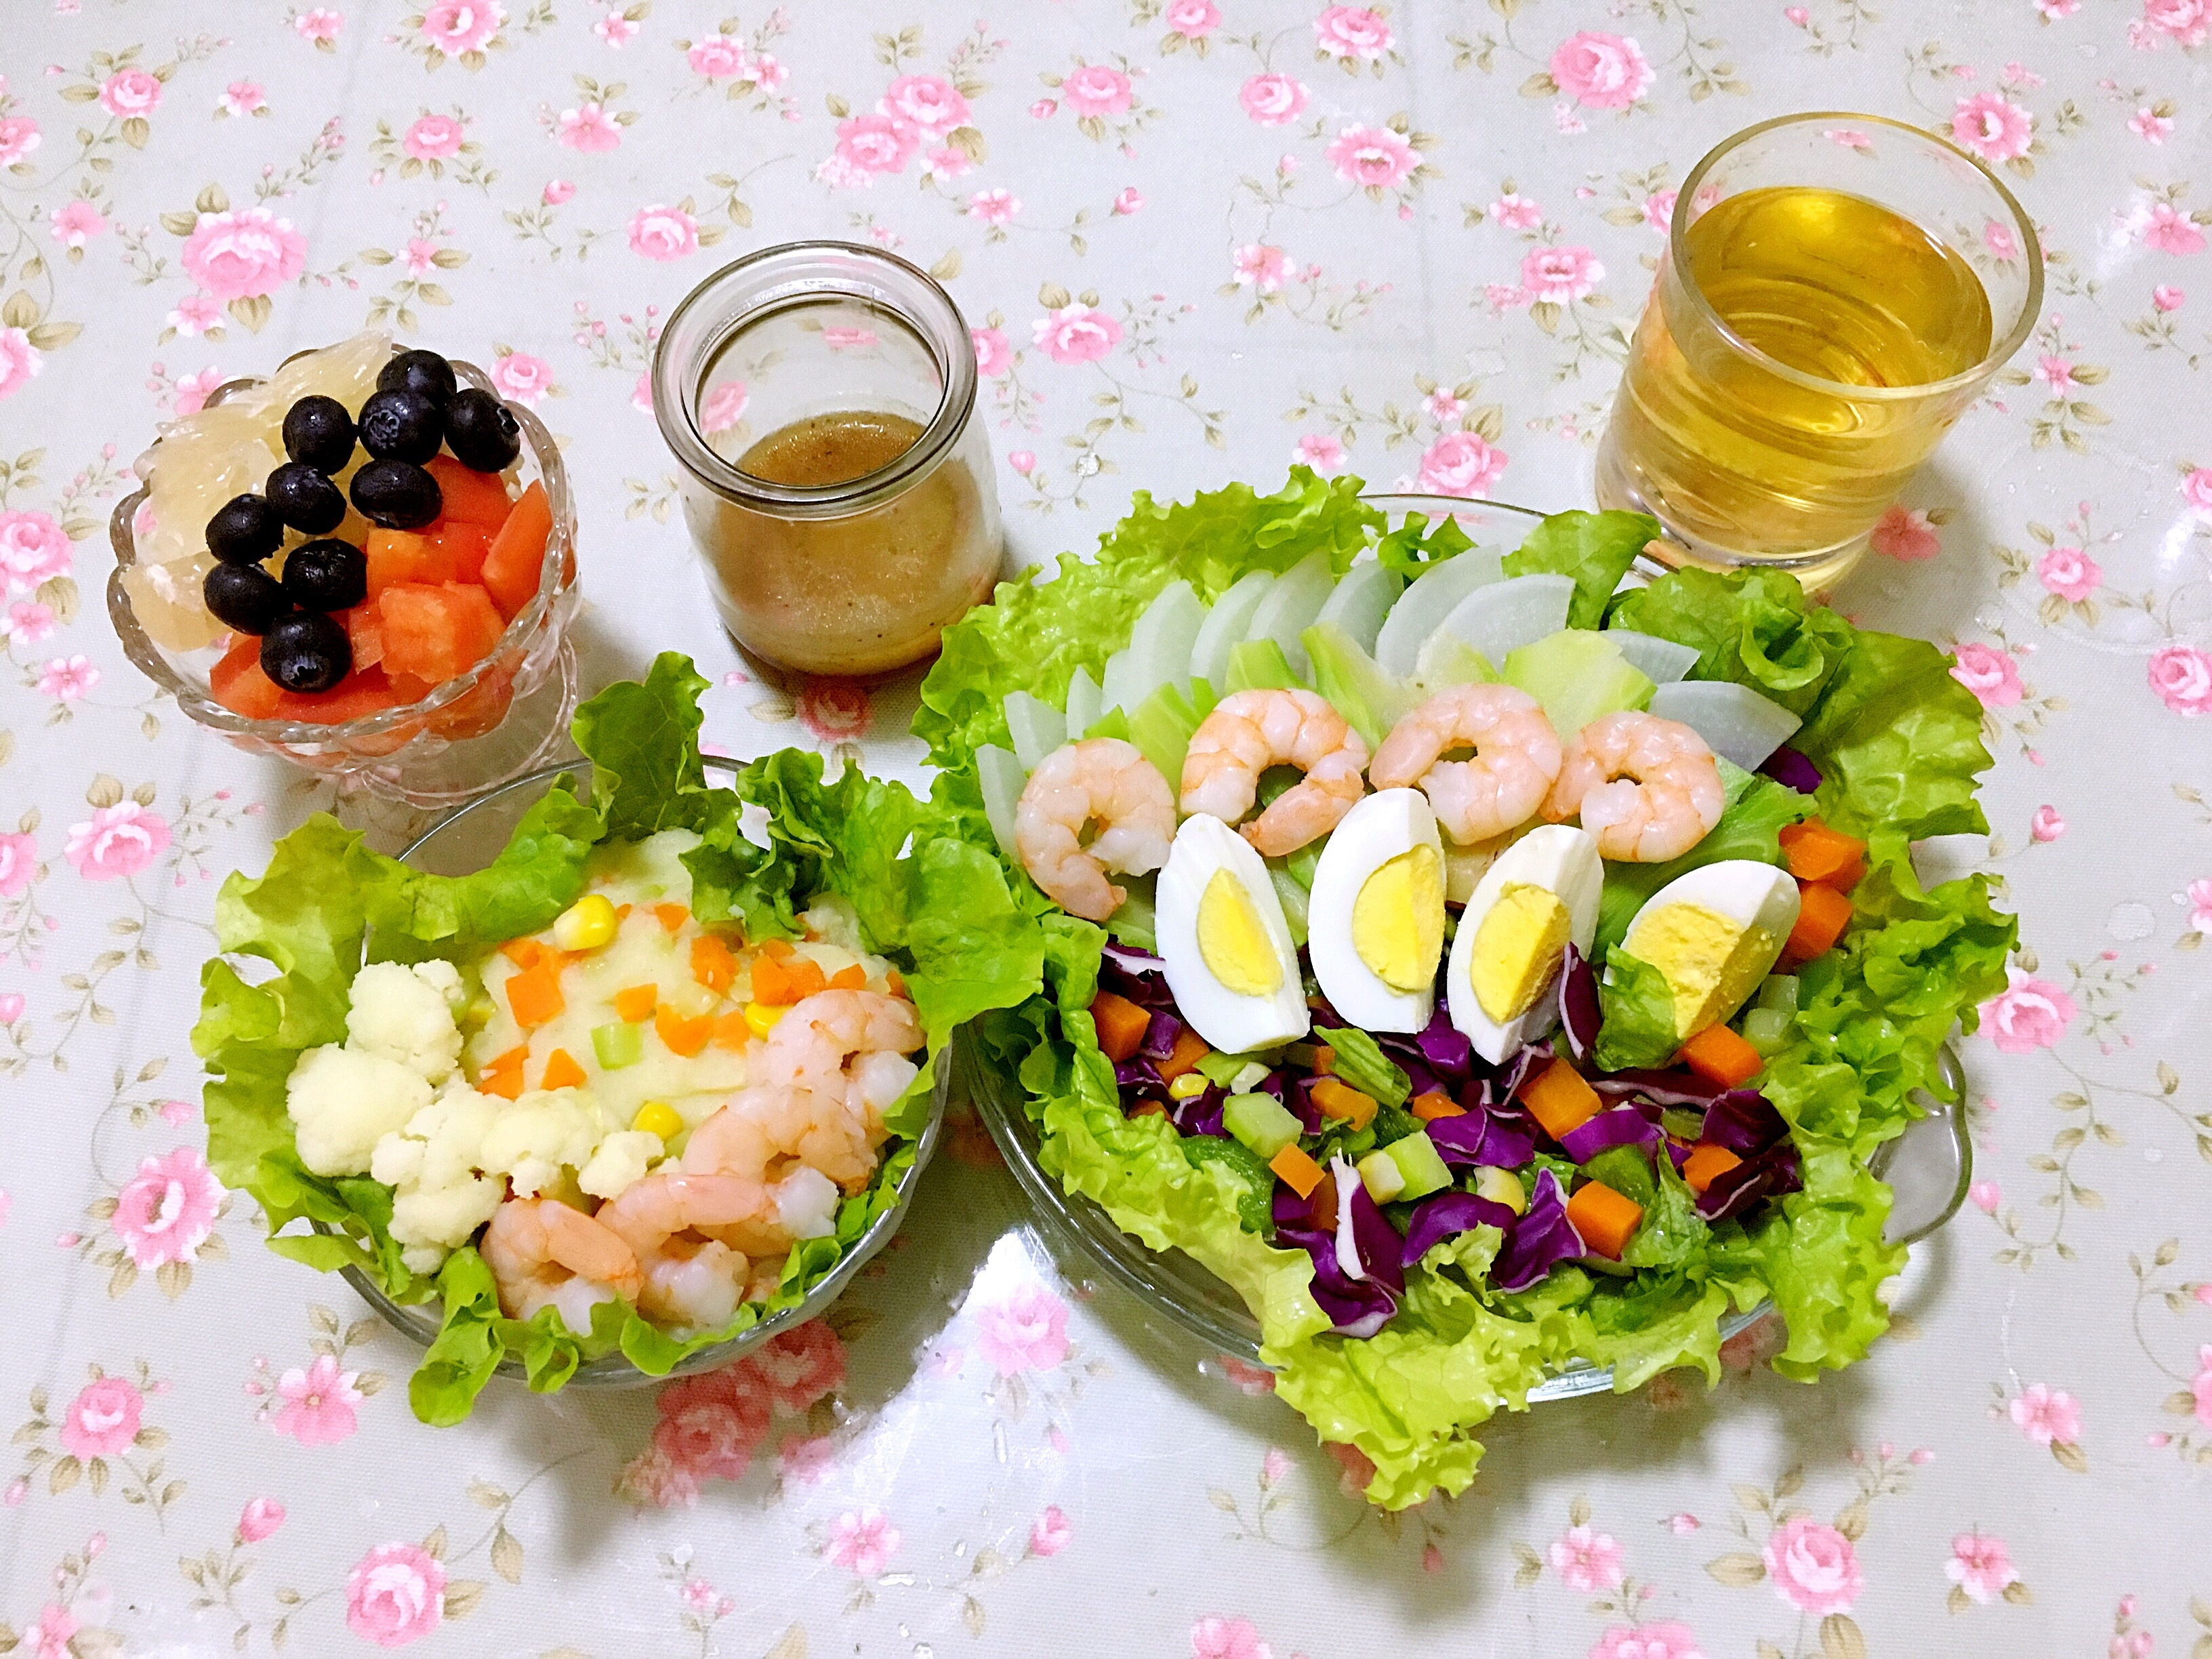 胖子的减肥餐的做法 步骤1